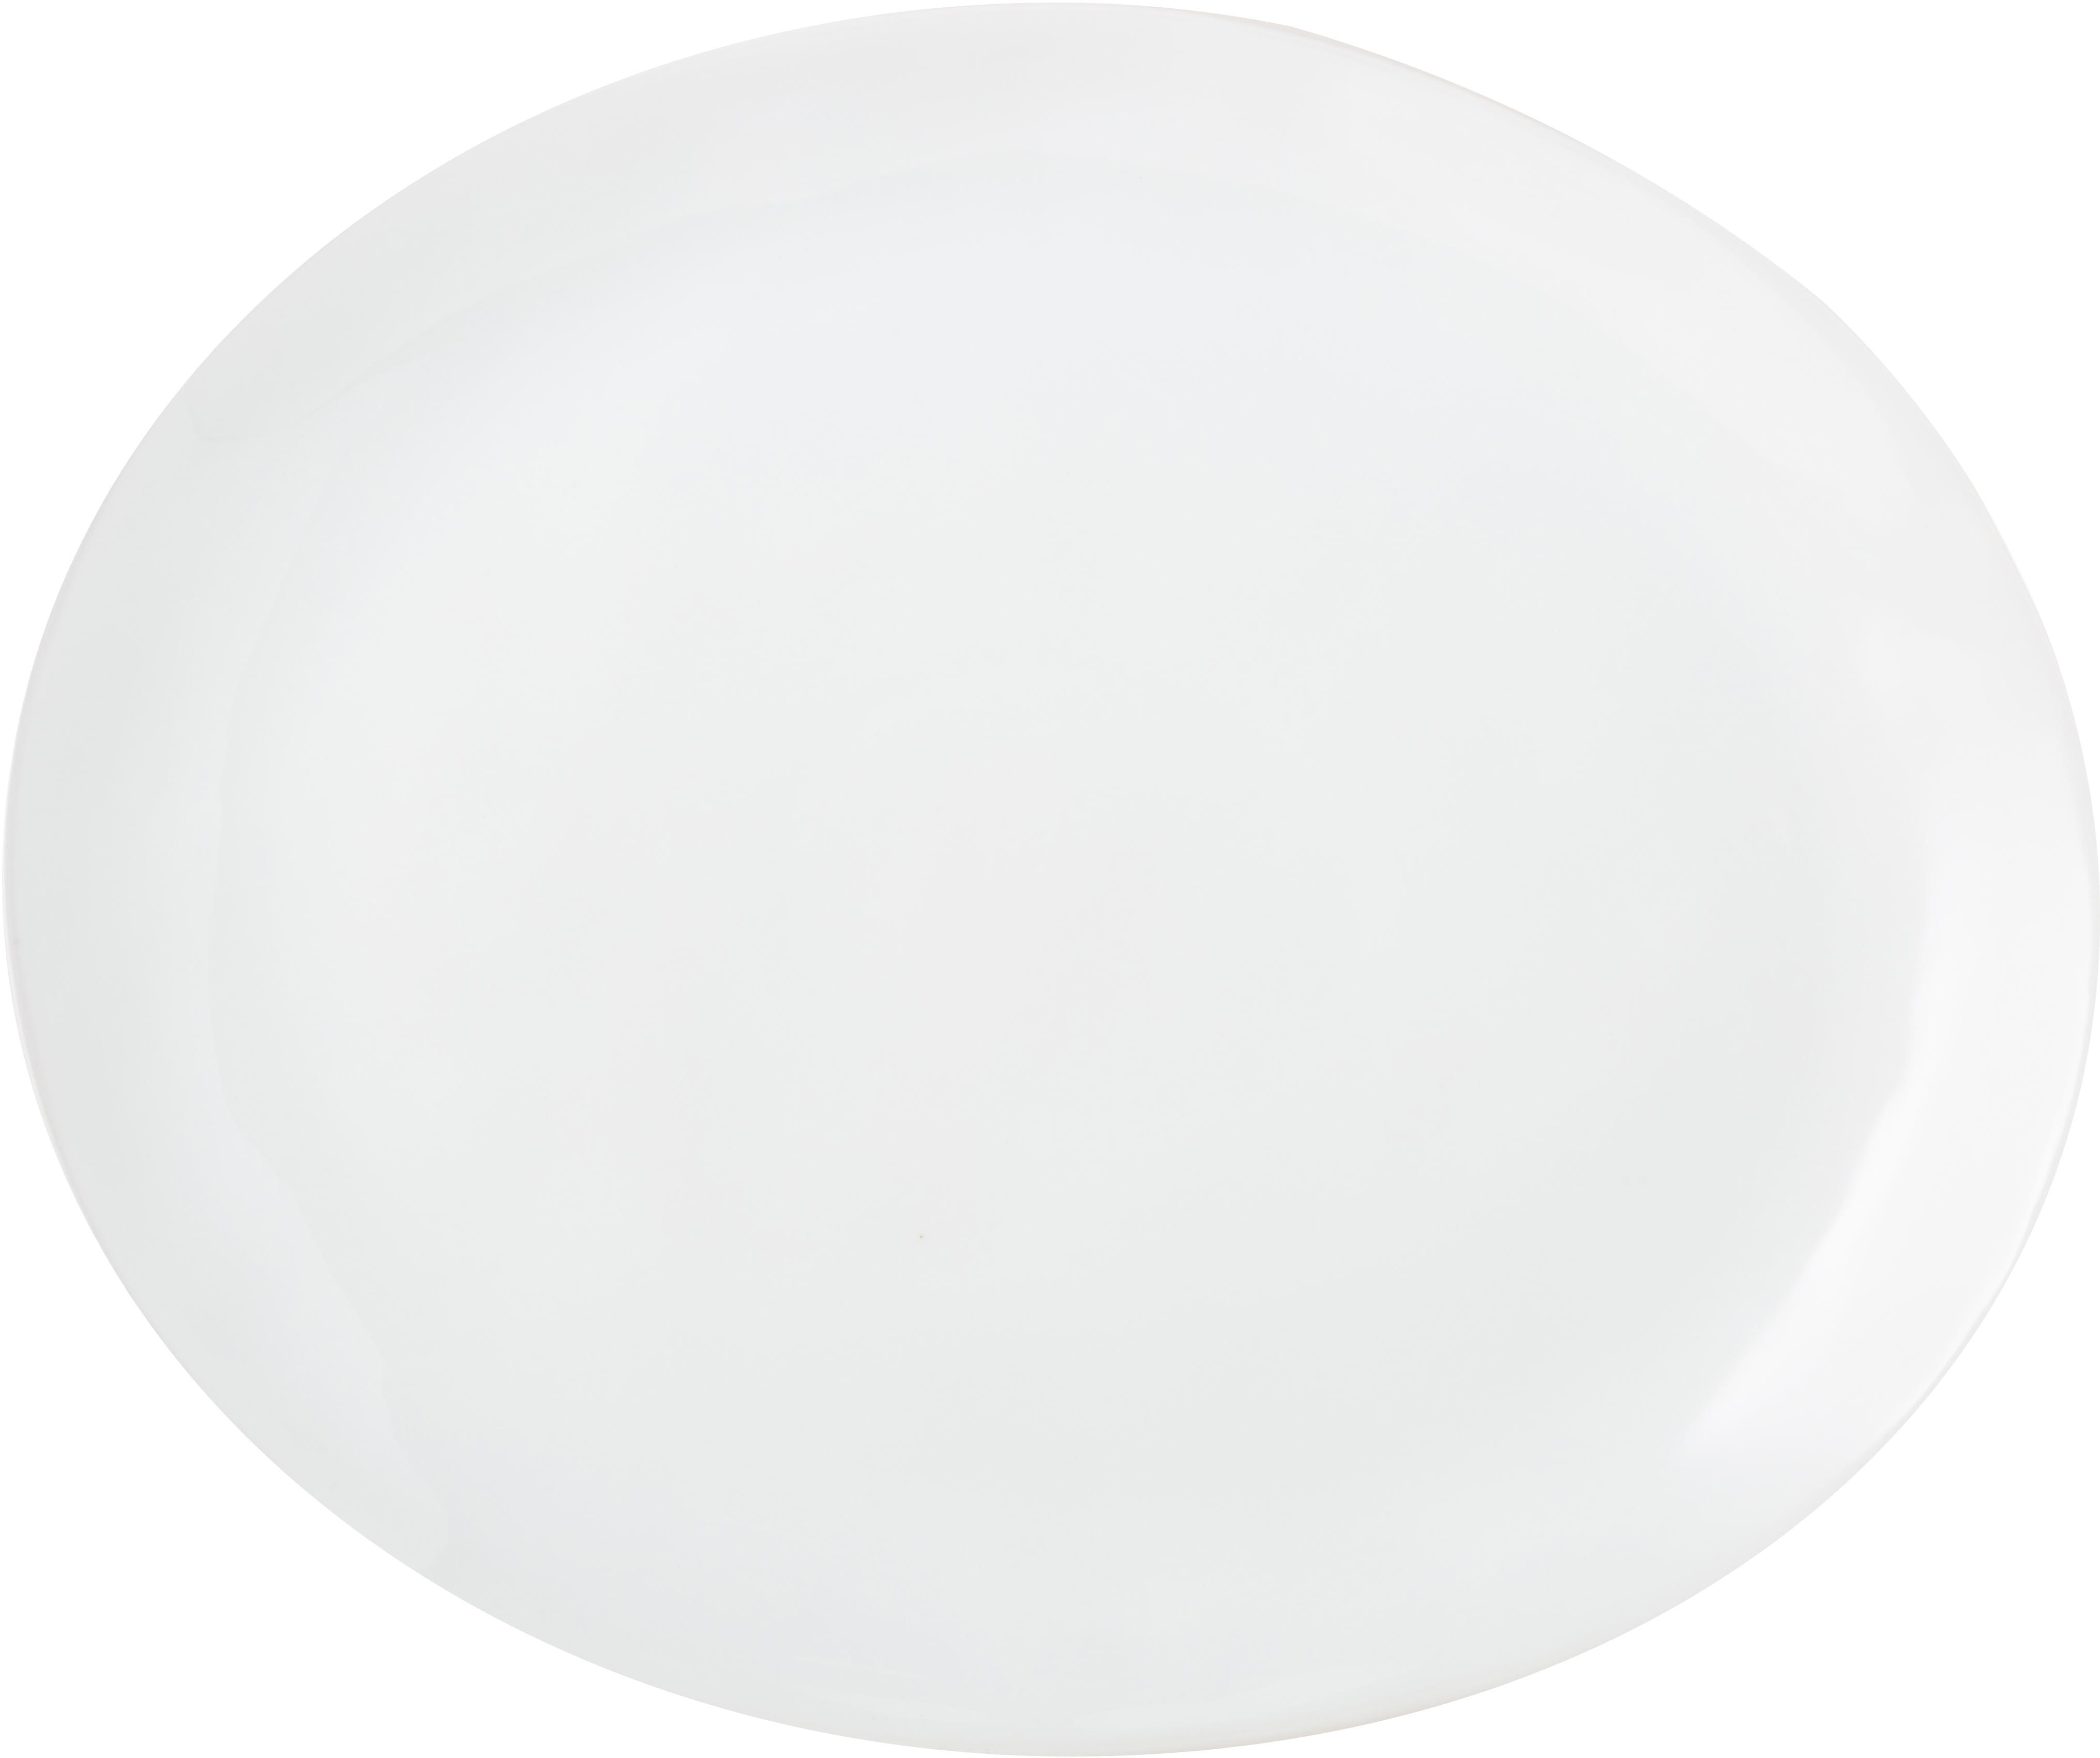 Piatto piano con superficie irregolare Porcelino 4 pz, Porcellana, volutamente irregolare, Bianco, Lung. 28 x Larg. 24 cm